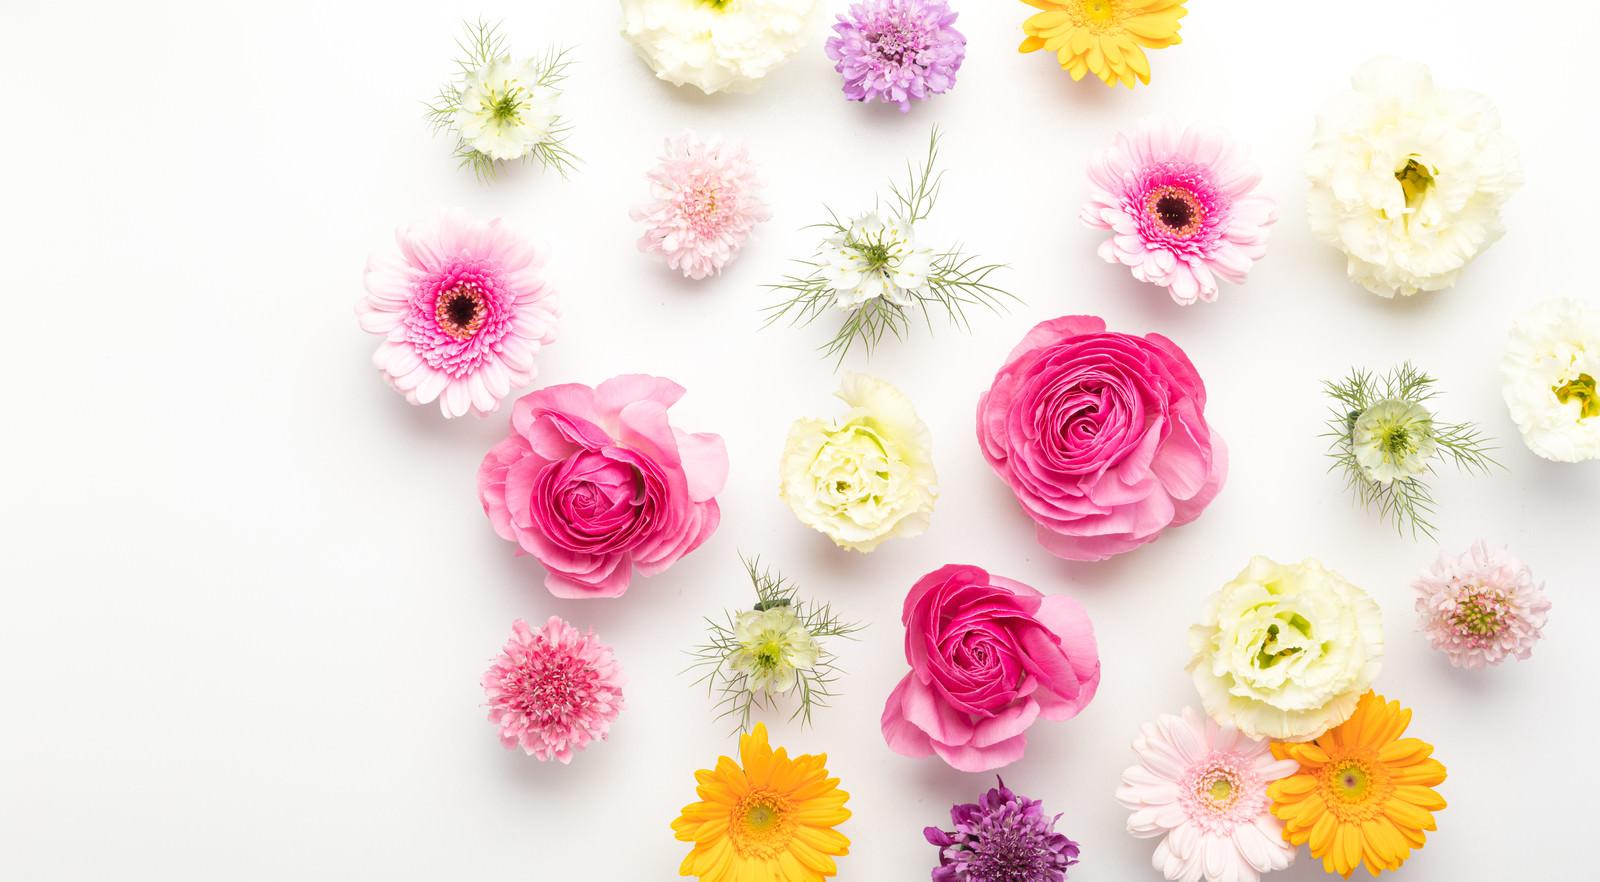 「等間隔に置かれたカラフルな花」の写真